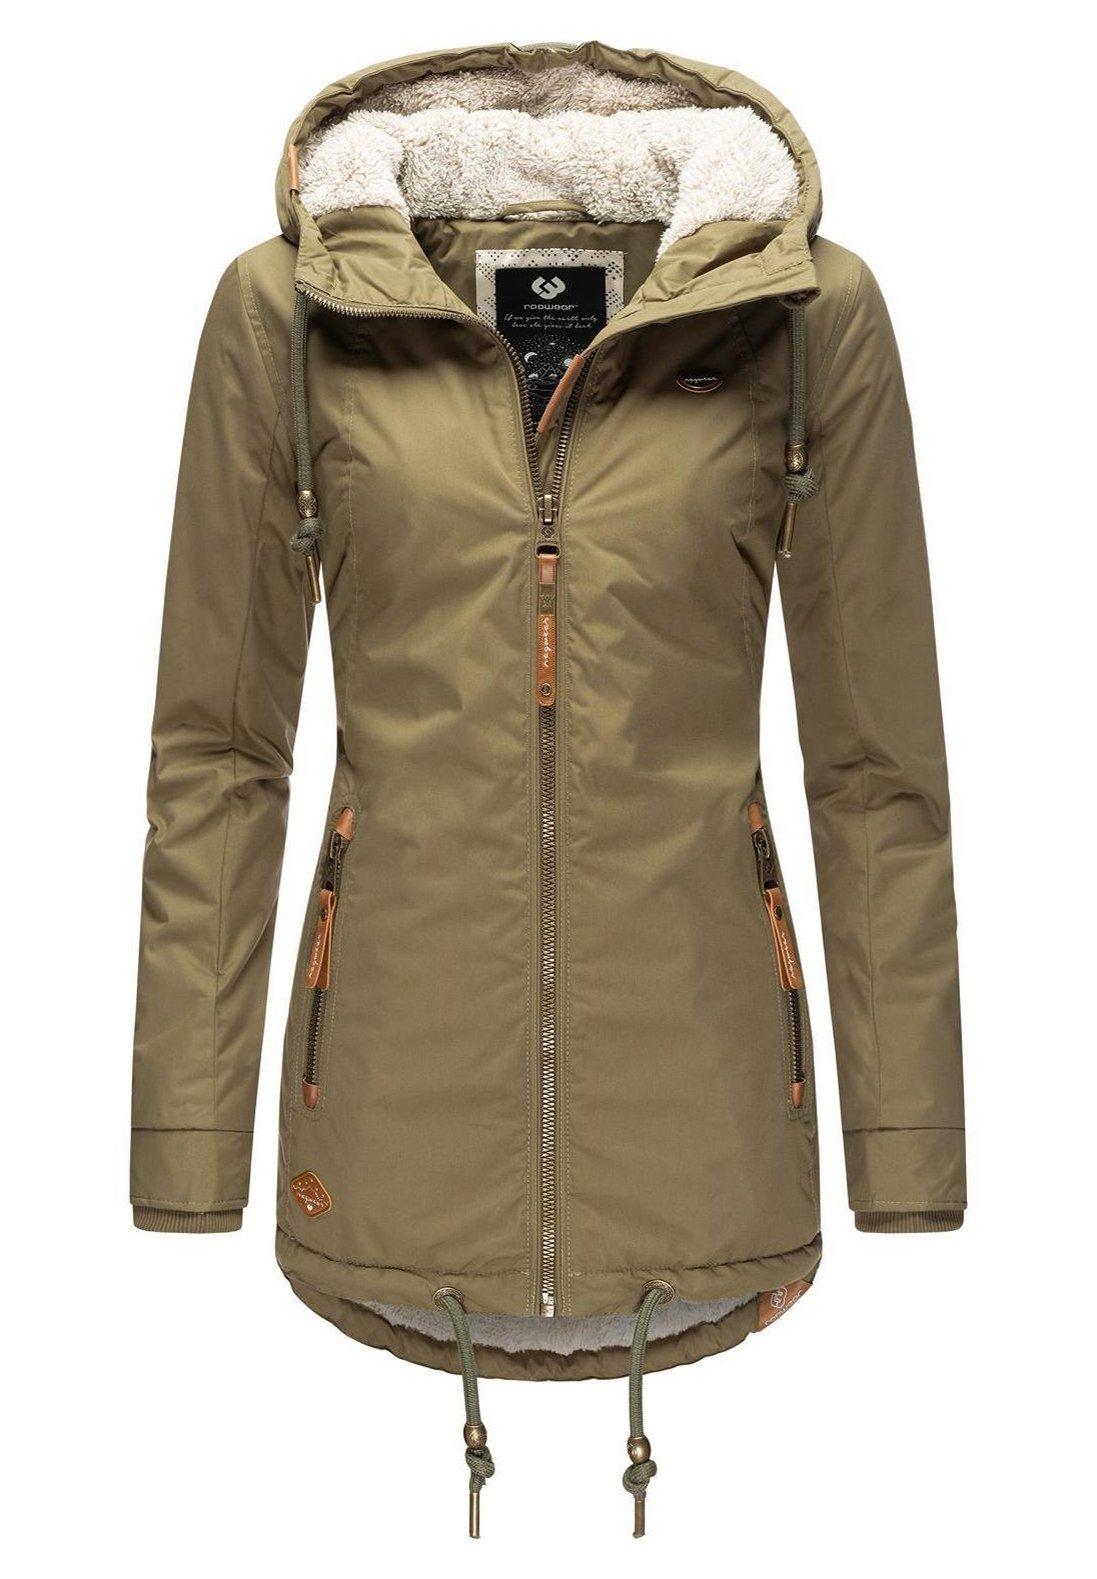 Mäntel für Damen Größe XL online kaufen | Zalando